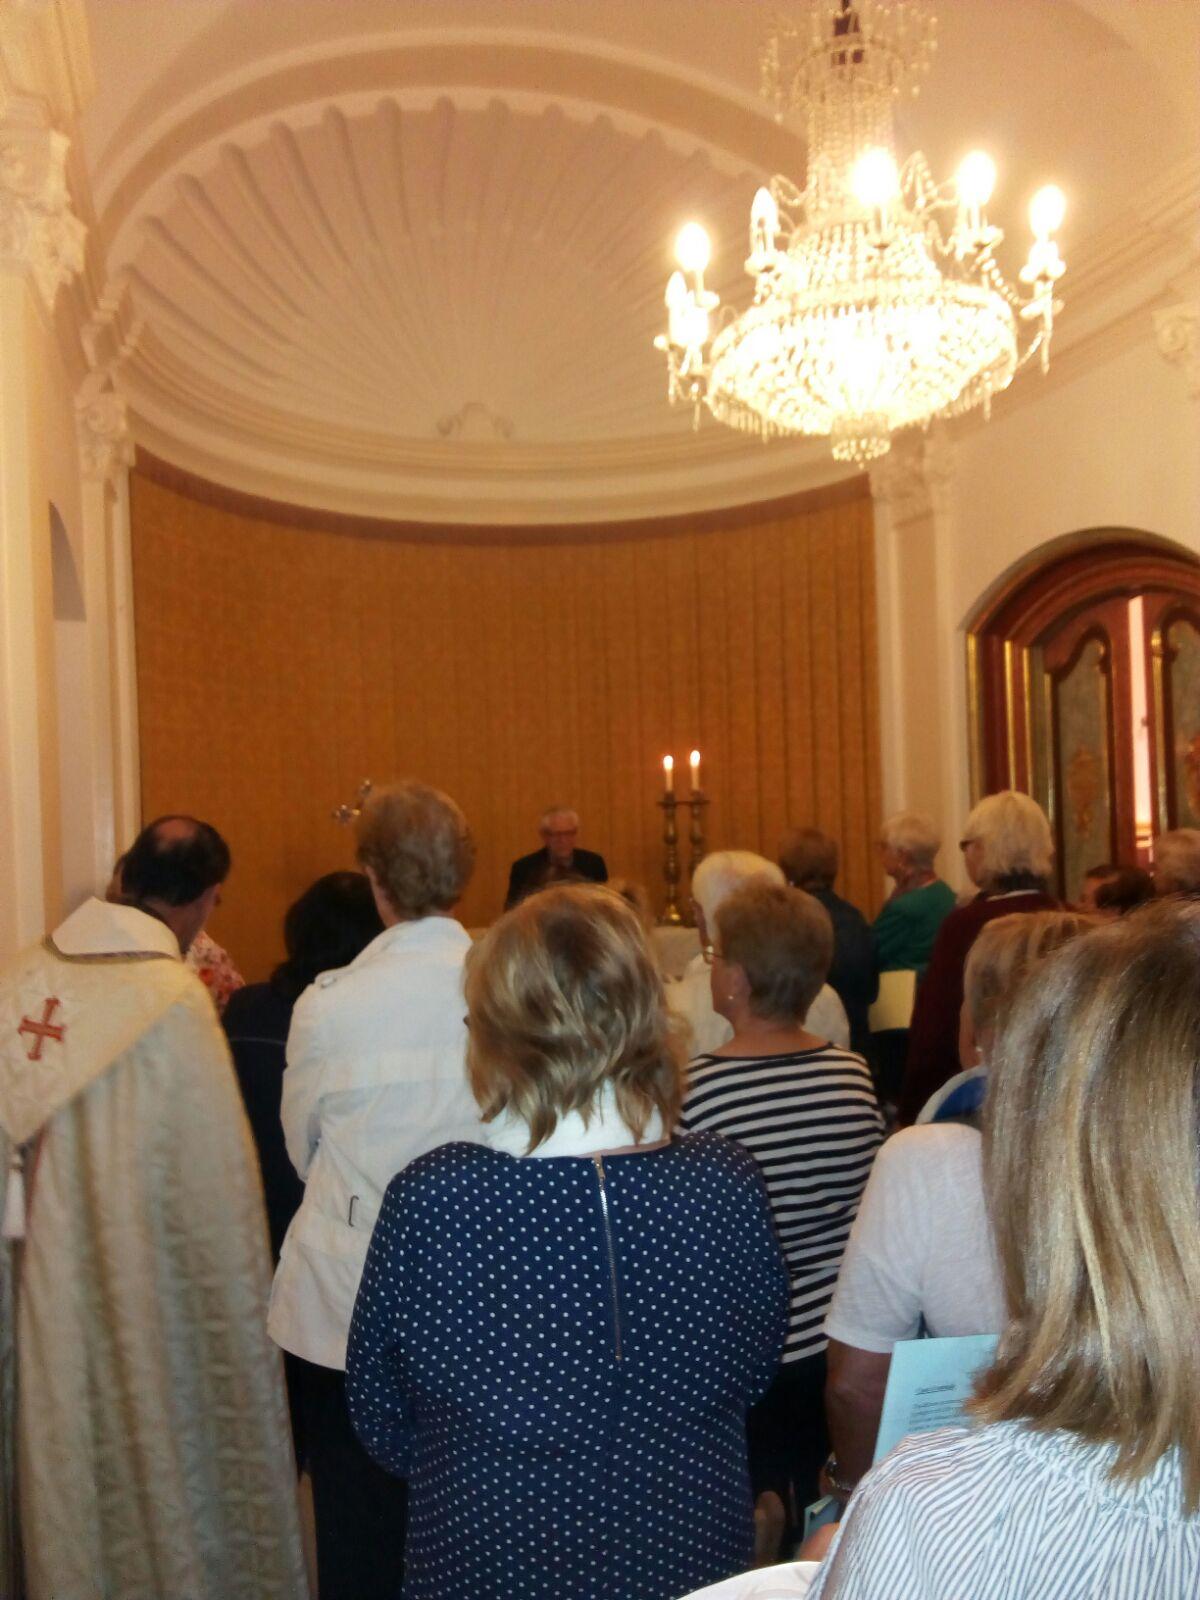 Peregrinacions al Santuari de Misericòrdia de Reus (28-5-2016)